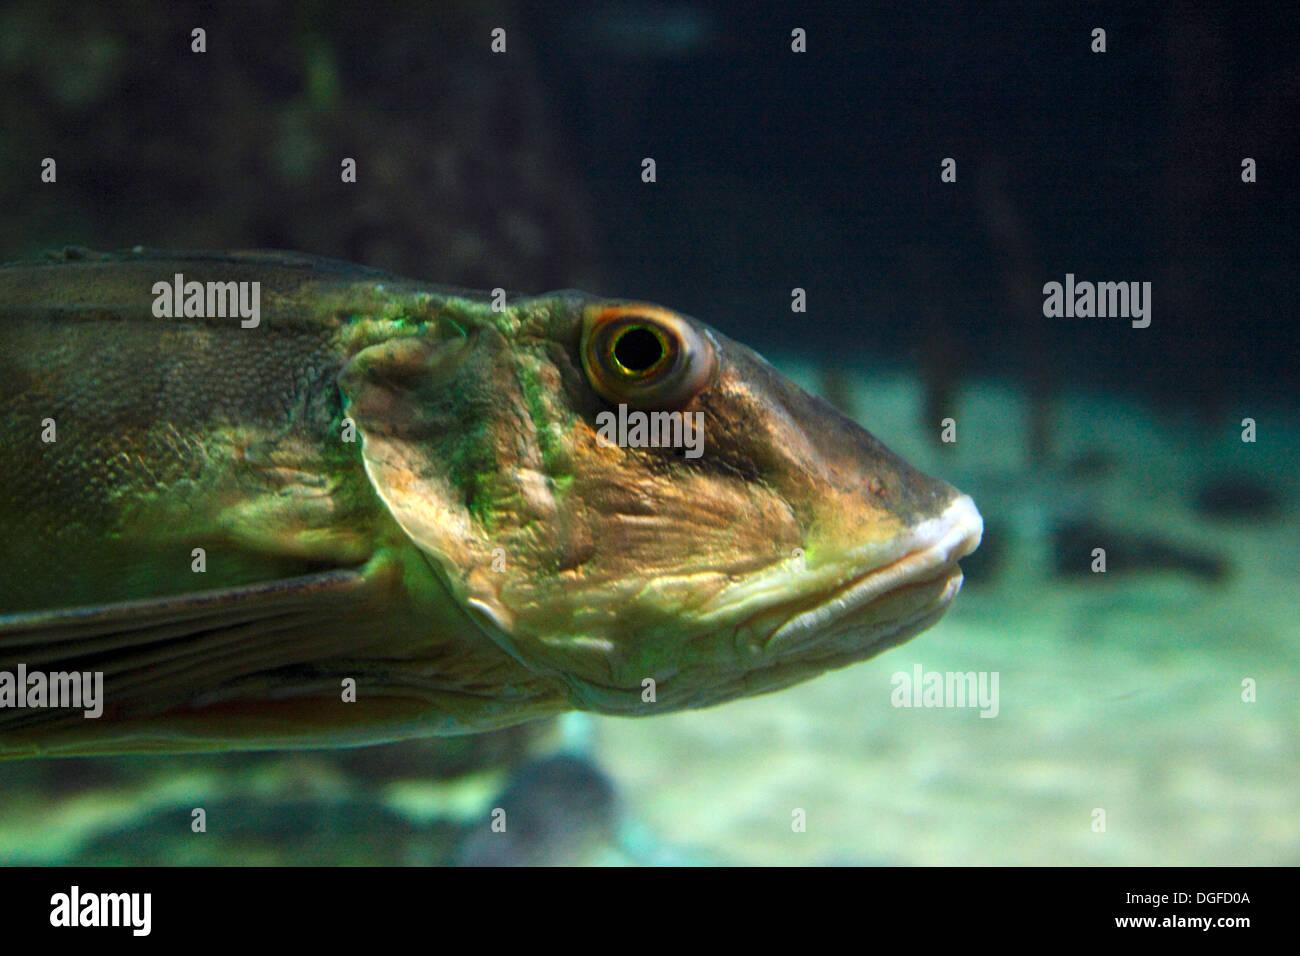 D-Oberhausen, Ruhr area, Lower Rhine, Rhineland, North Rhine-Westphalia, NRW, D-Oberhausen-Neue Mitte, Centro Park, Sea Life Adventure Park, Sea Life Center, aquarium, fish - Stock Image